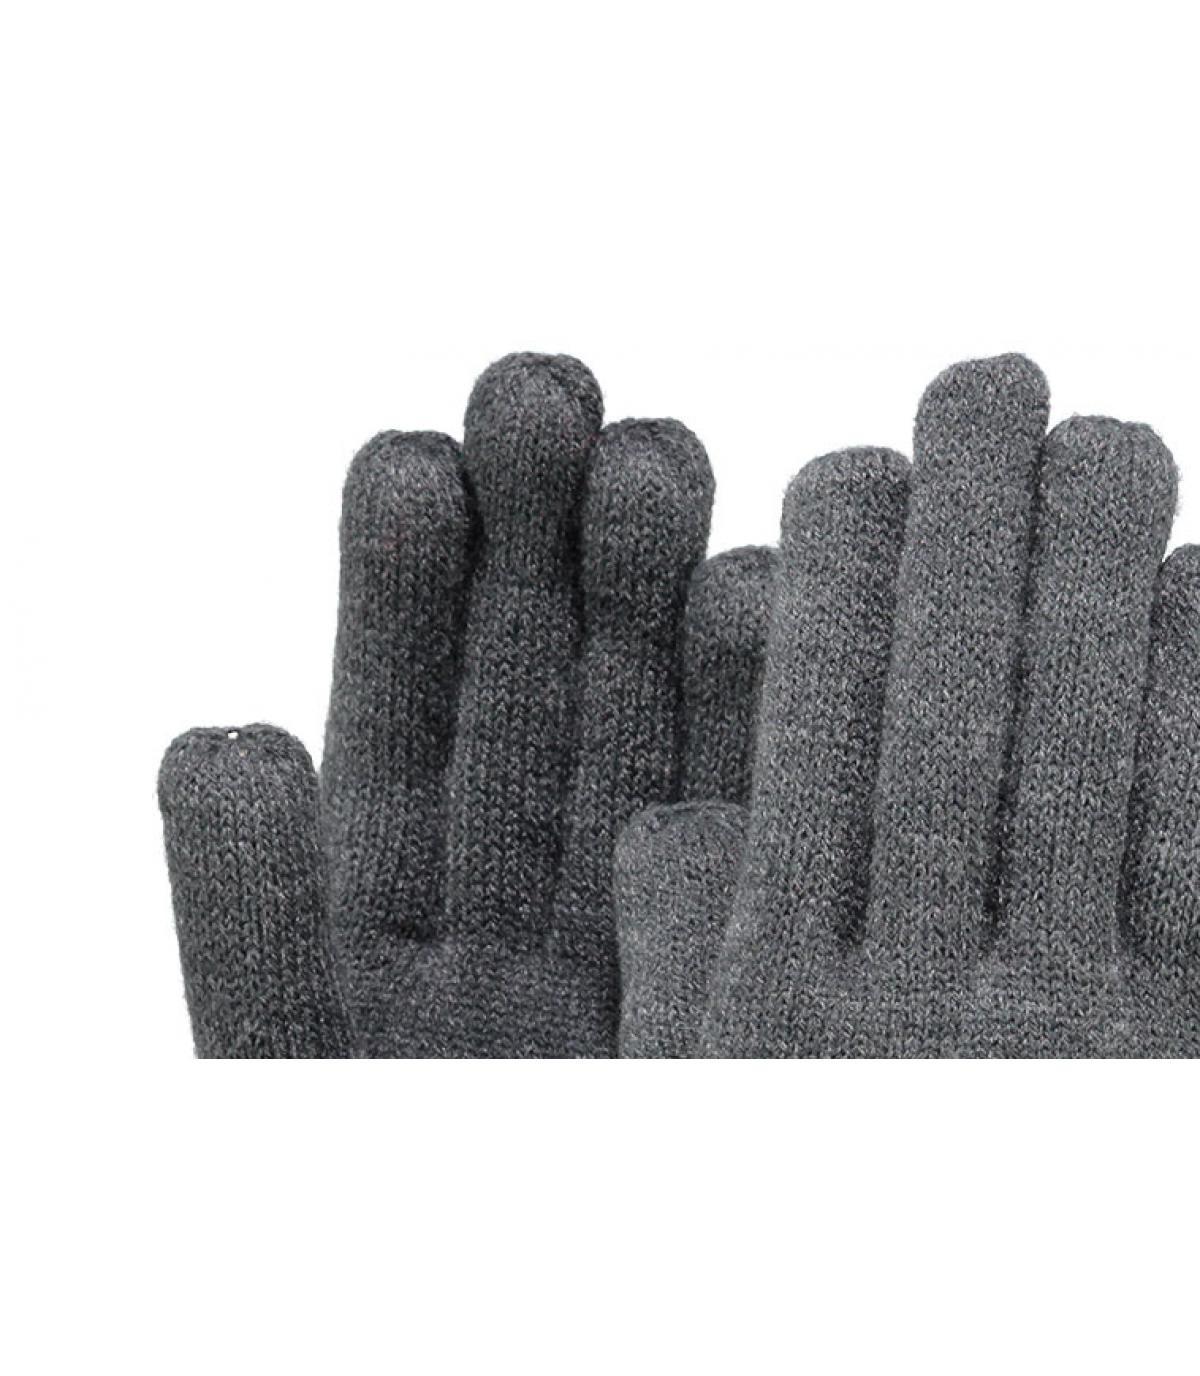 Détails Fine knitted gloves dark heather - image 2